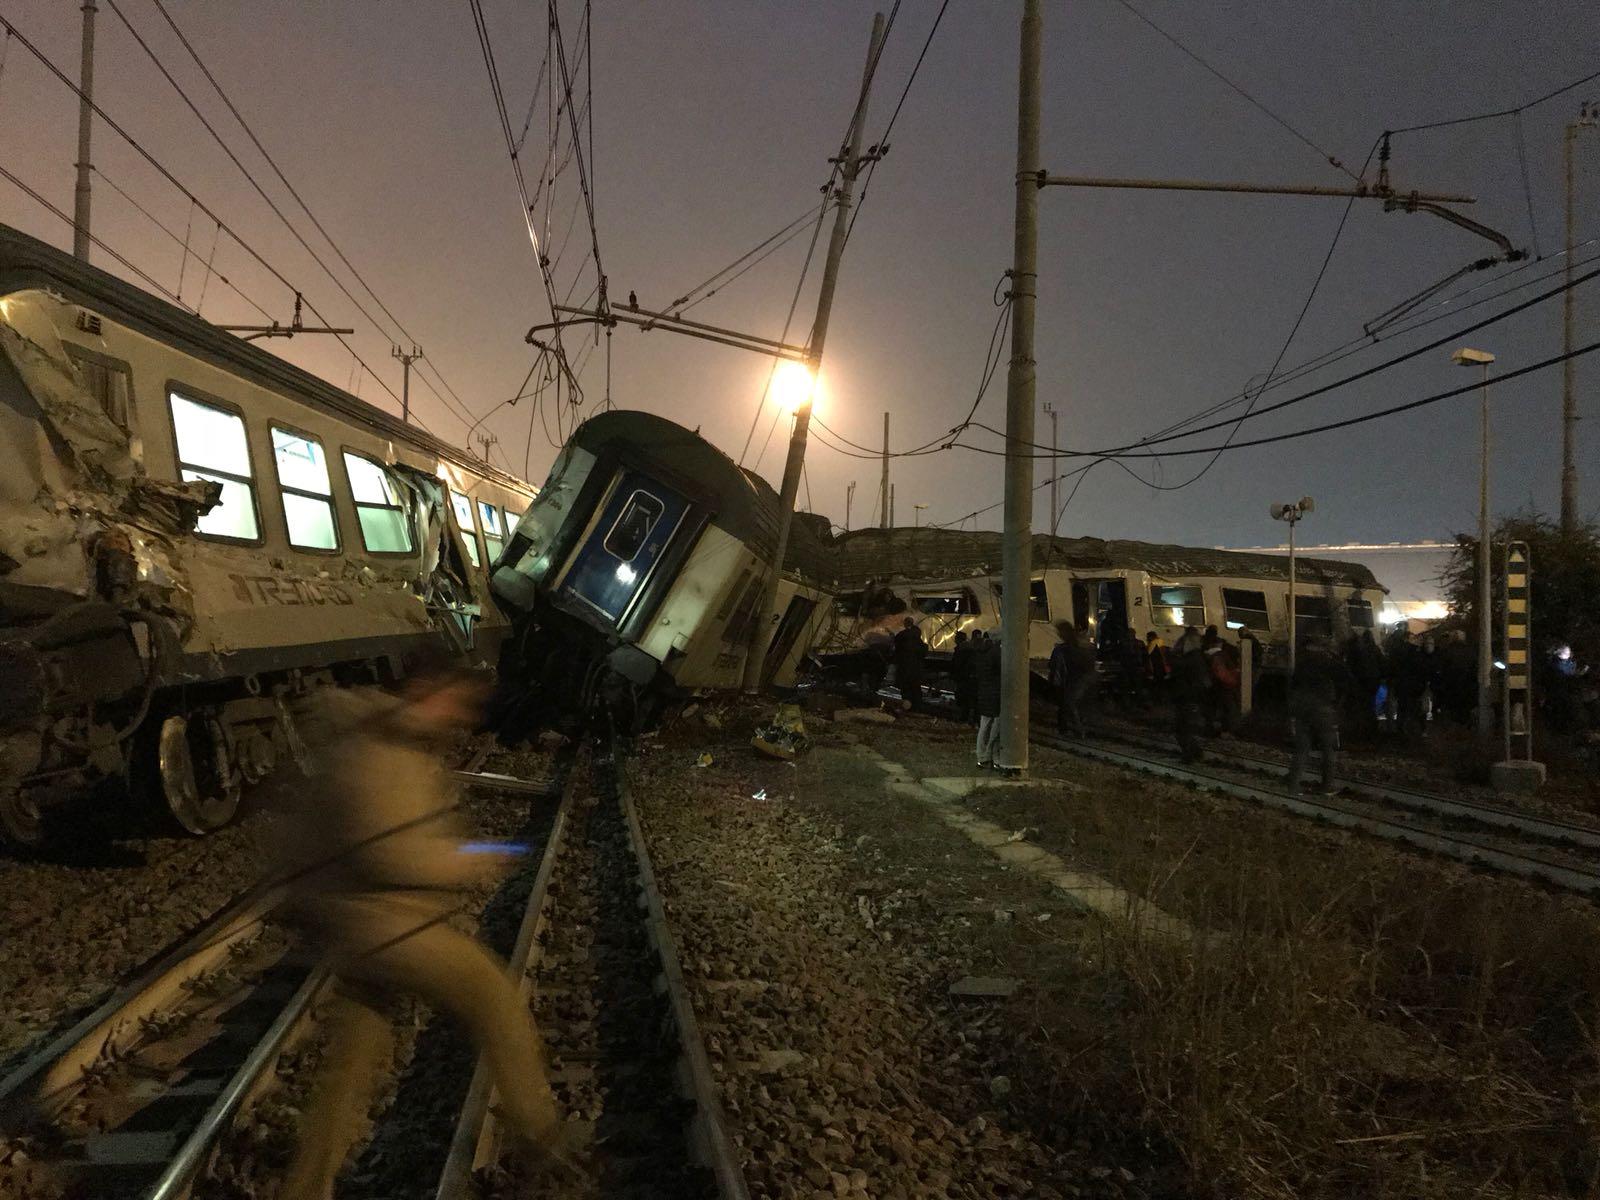 Incidente ferroviario a Pioltello, numero vittime da confermare, finite le operazioni di recupero | Emergency Live 2